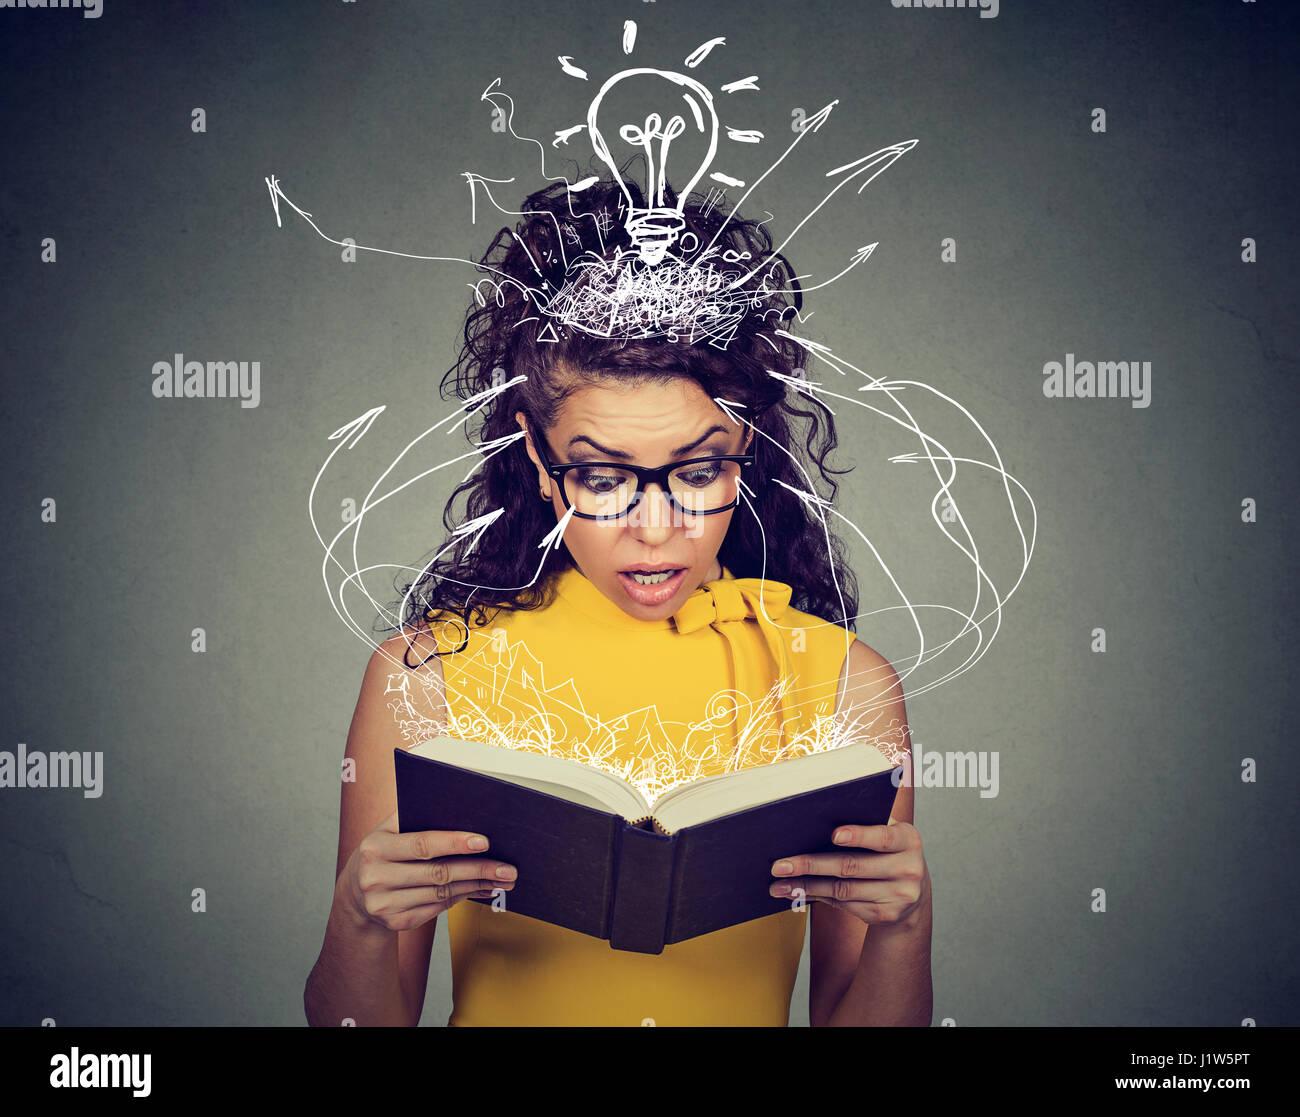 La donna ha sorpreso la lettura di un libro con pagine incandescente affascinato da un inaspettato colpo di scena Immagini Stock